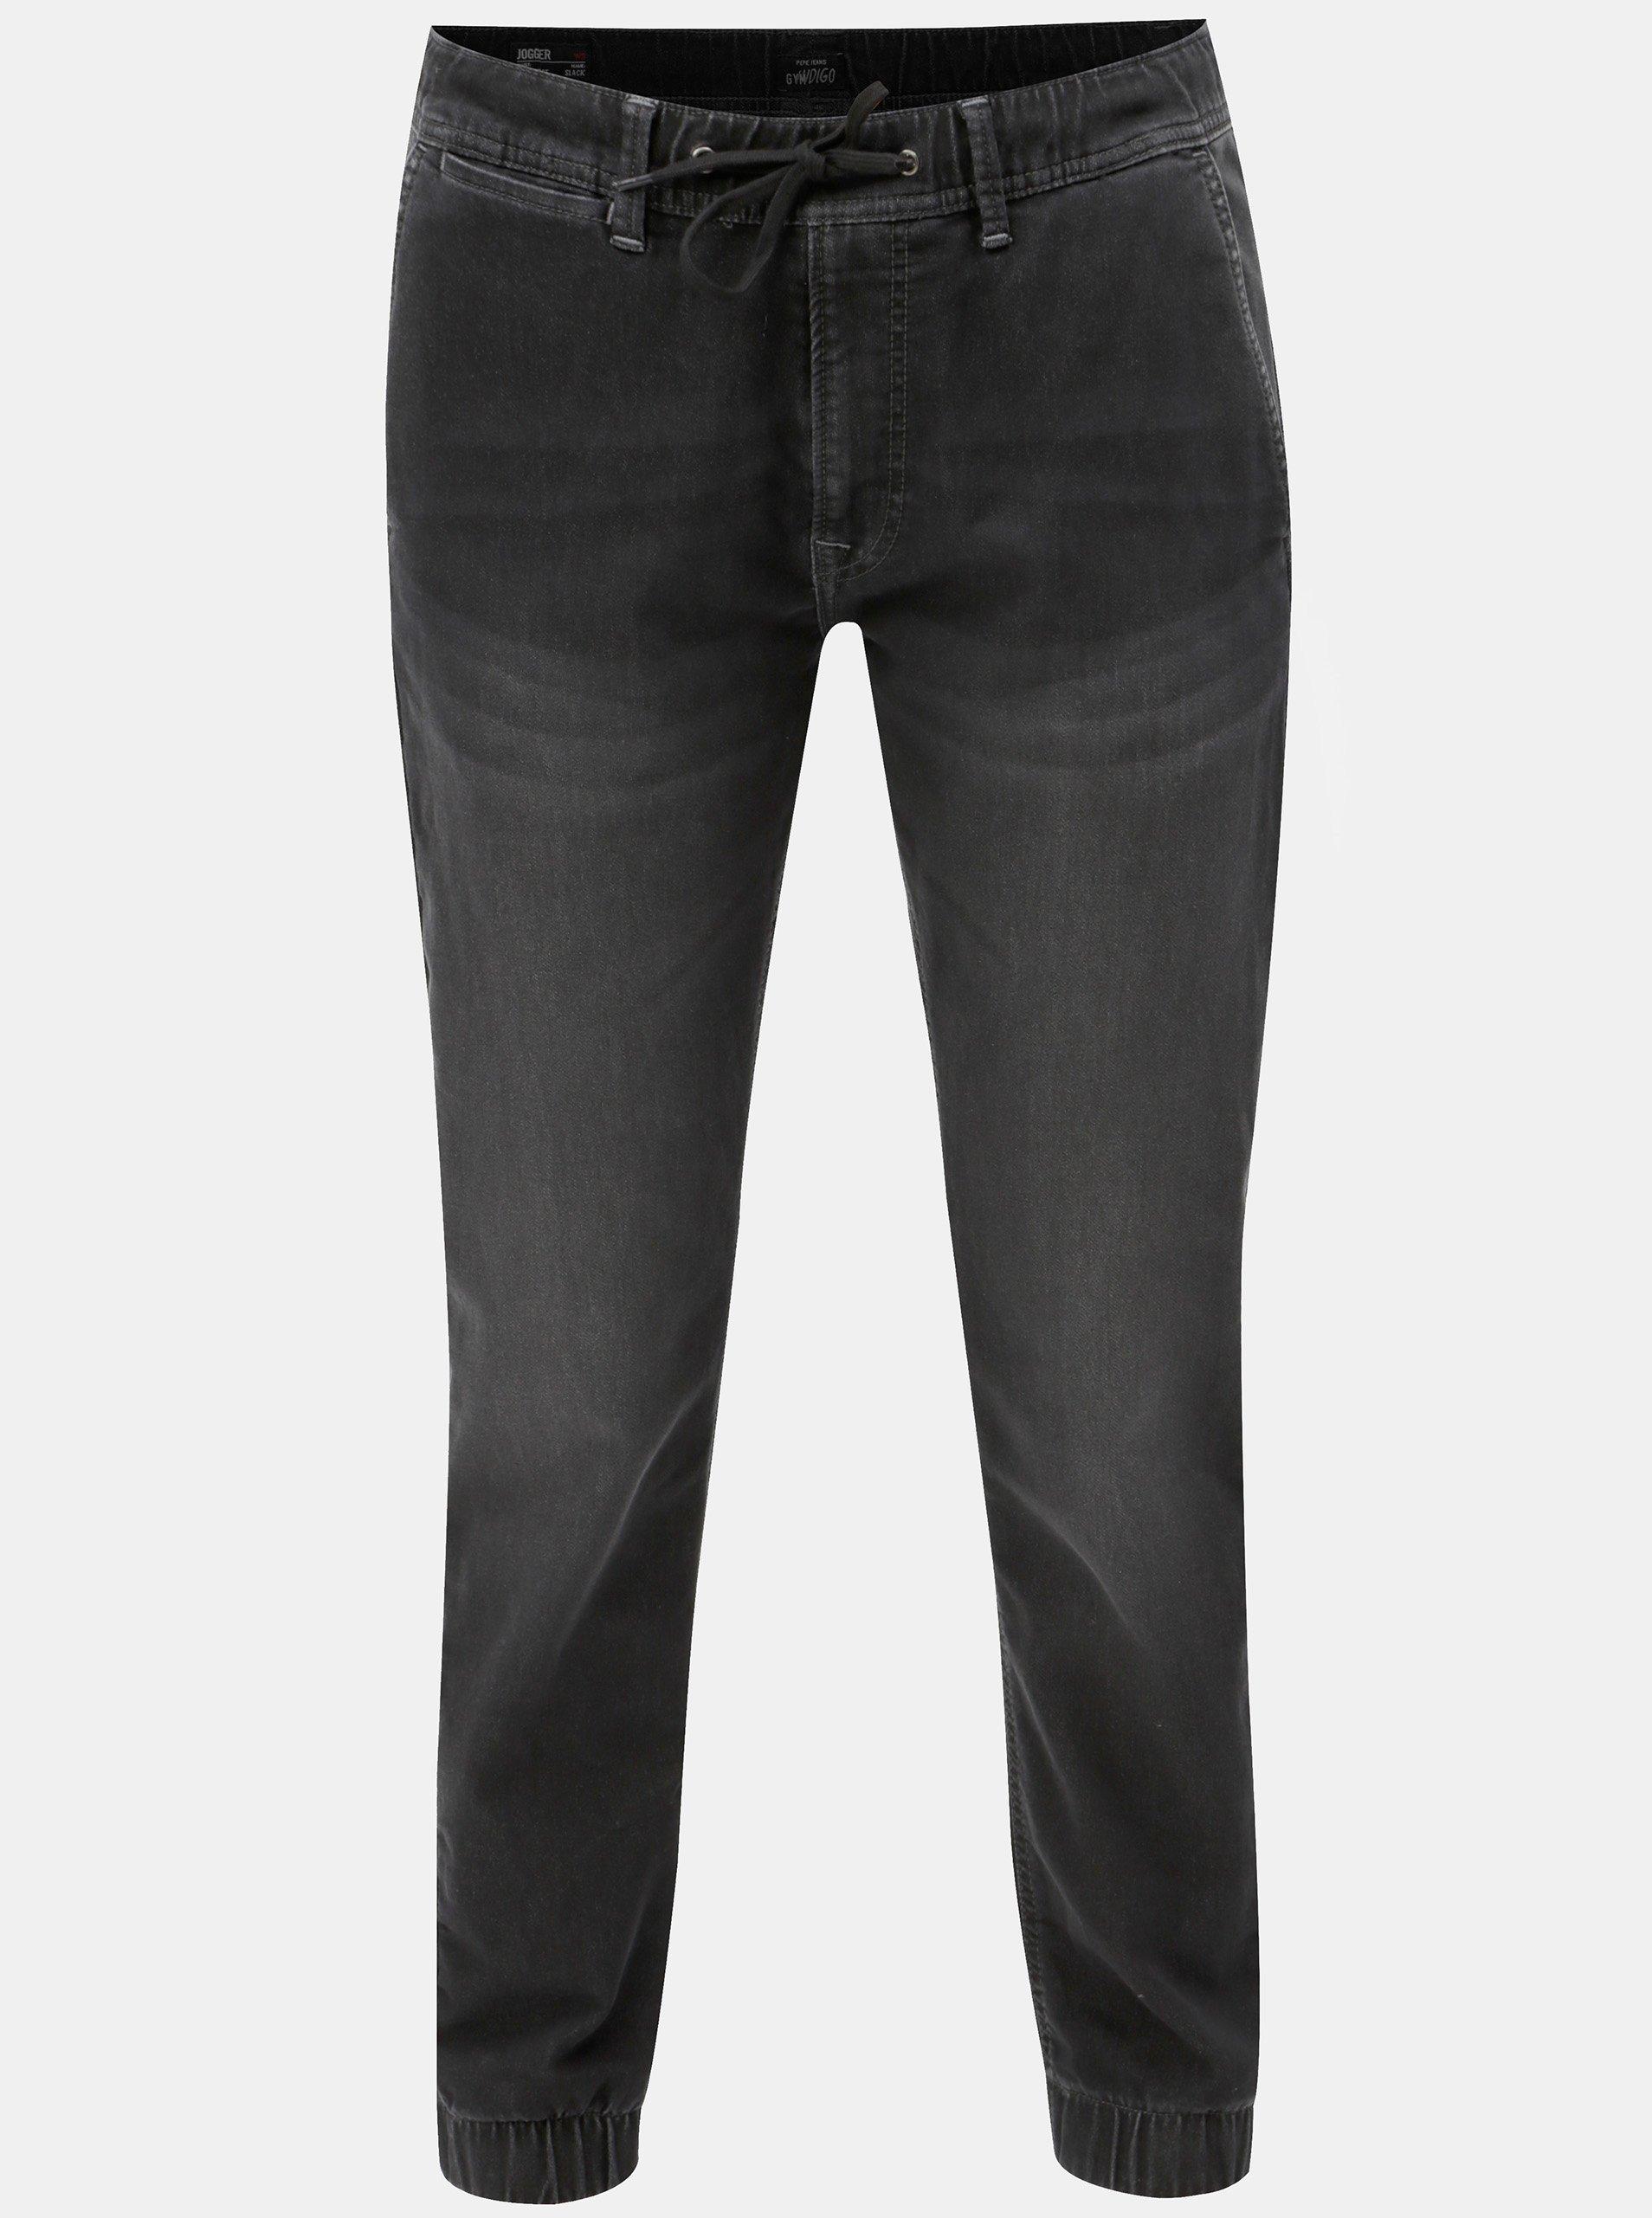 Fotografie Černé pánské kalhoty s elastickým pasem Pepe Jeans